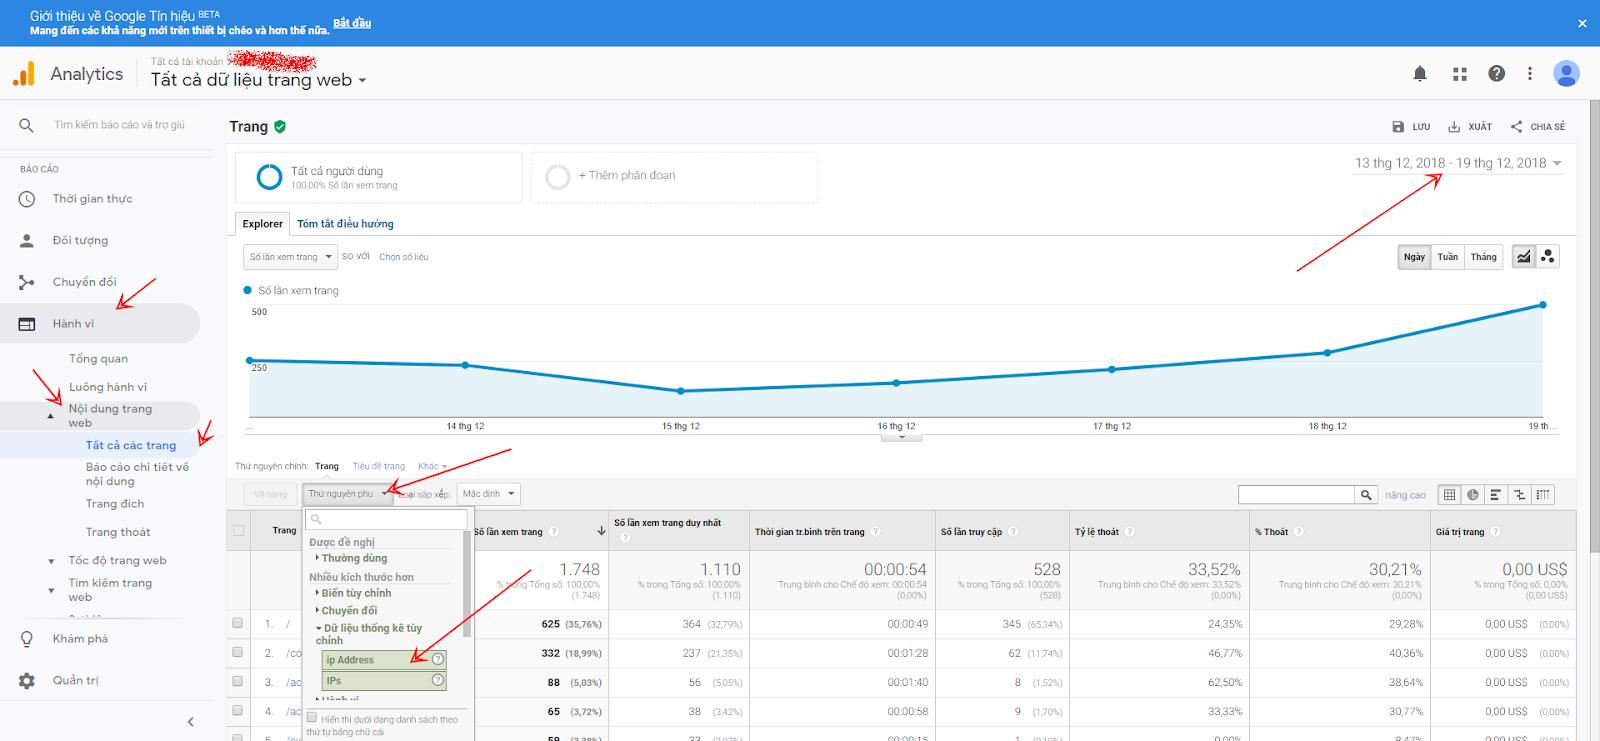 cách lấy IP của khách truy cập với Google Tag Manager